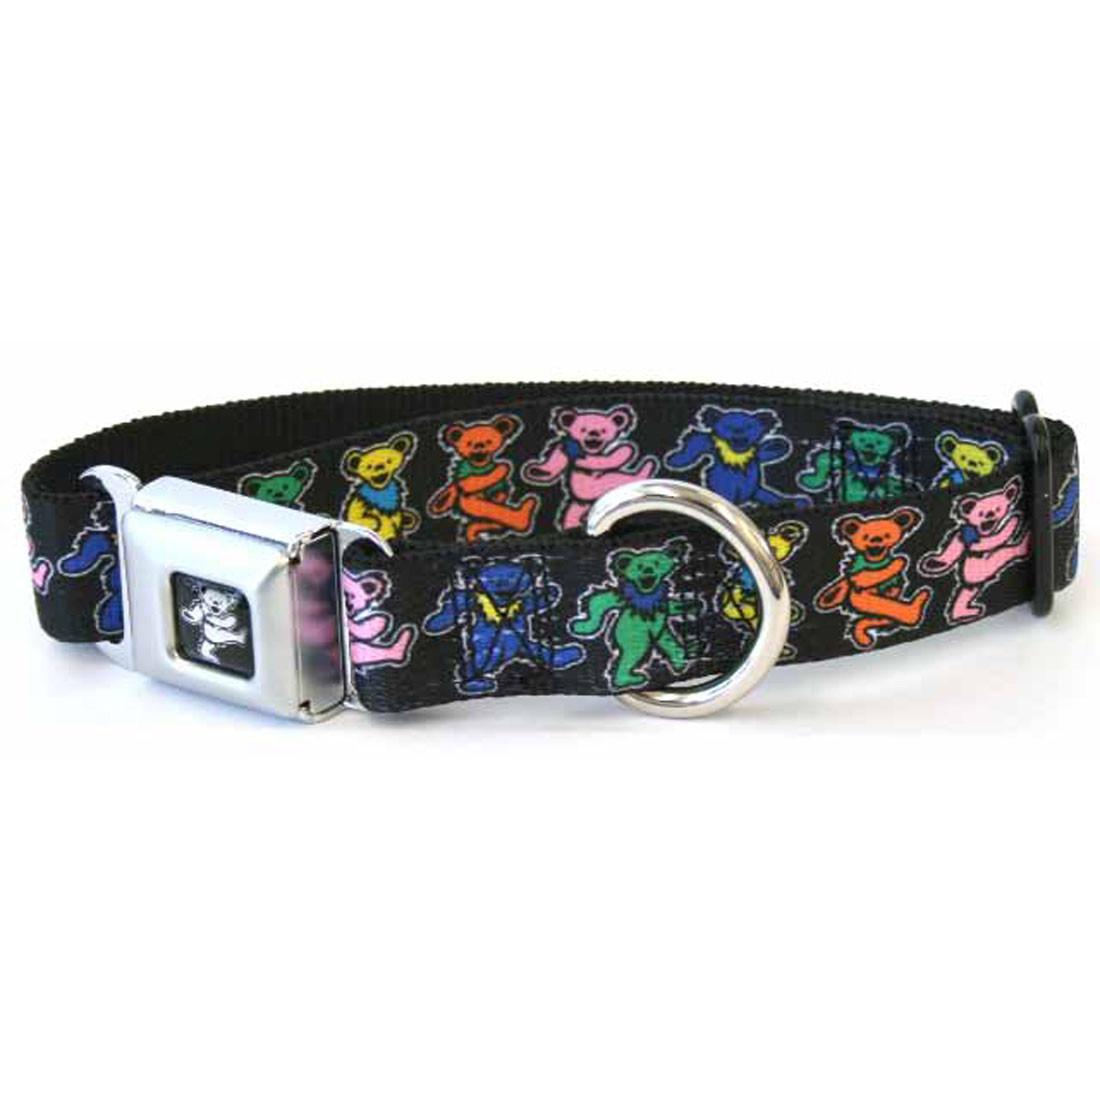 Dancing Bear Dog Collar Lg Black